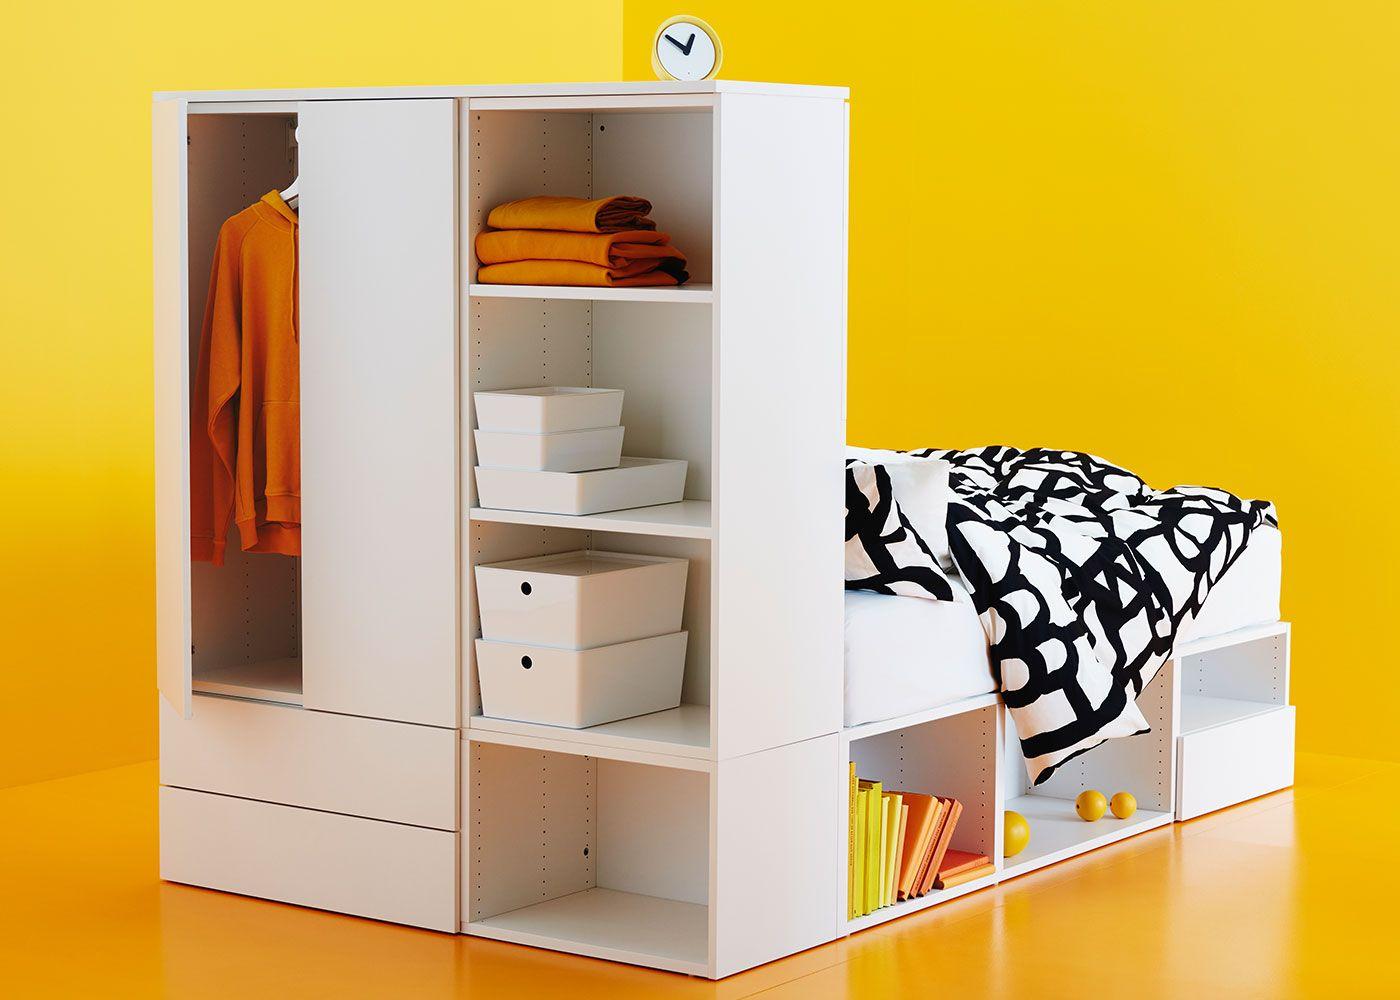 Lit Platsa Lit Rangement Rangement Modulable Et Decoration Maison